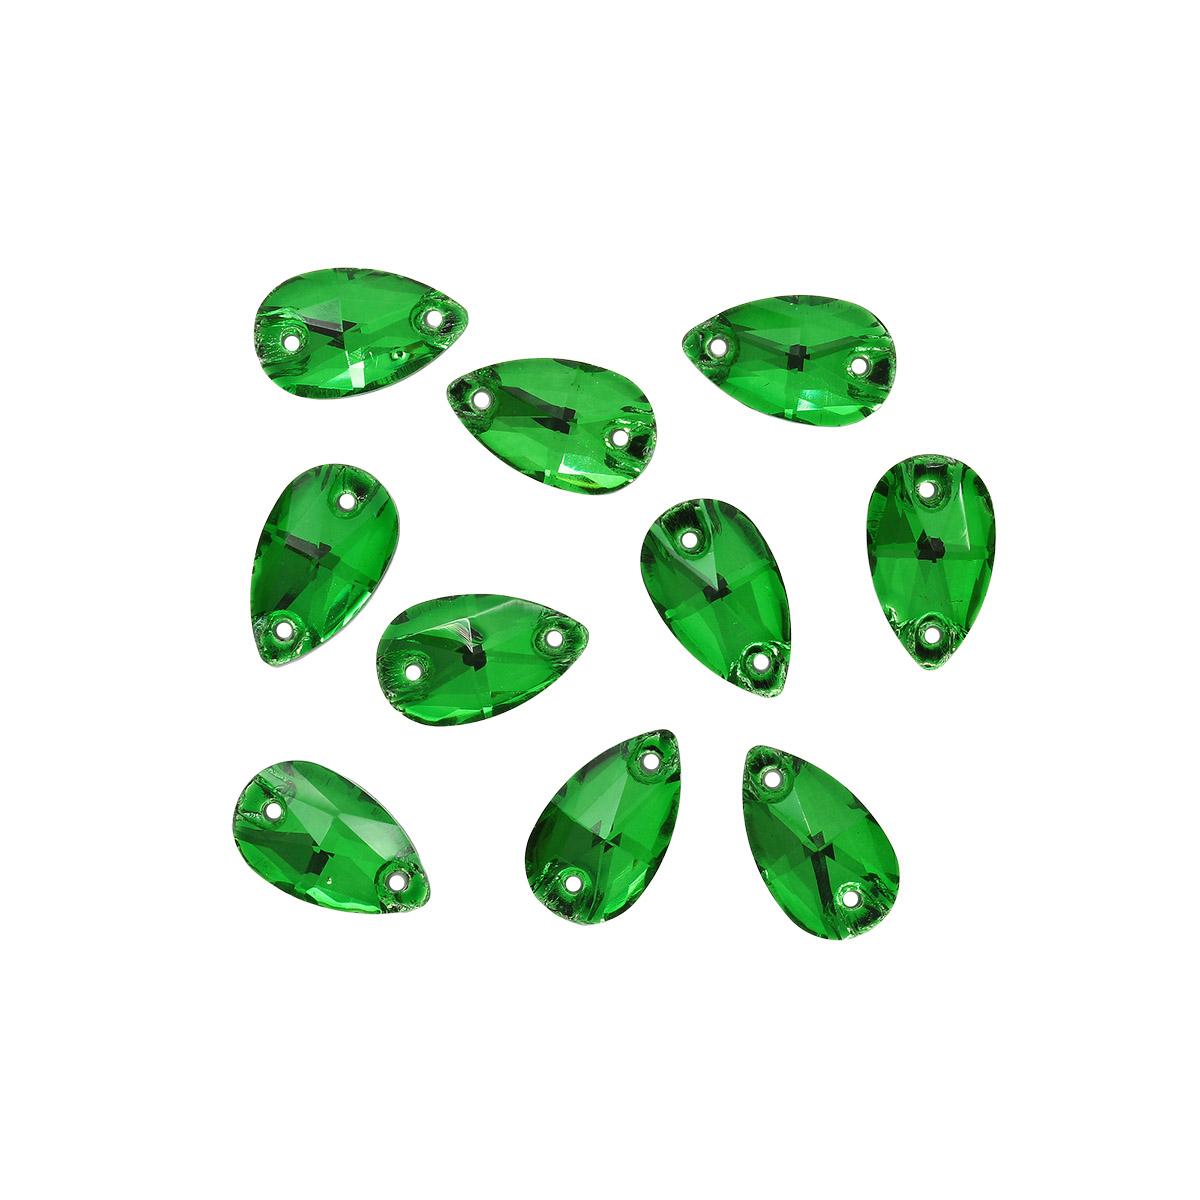 ХК008НН712 Хрустальные стразы пришивные формы 'капля', зеленый 7х12 мм 10 шт/упак.